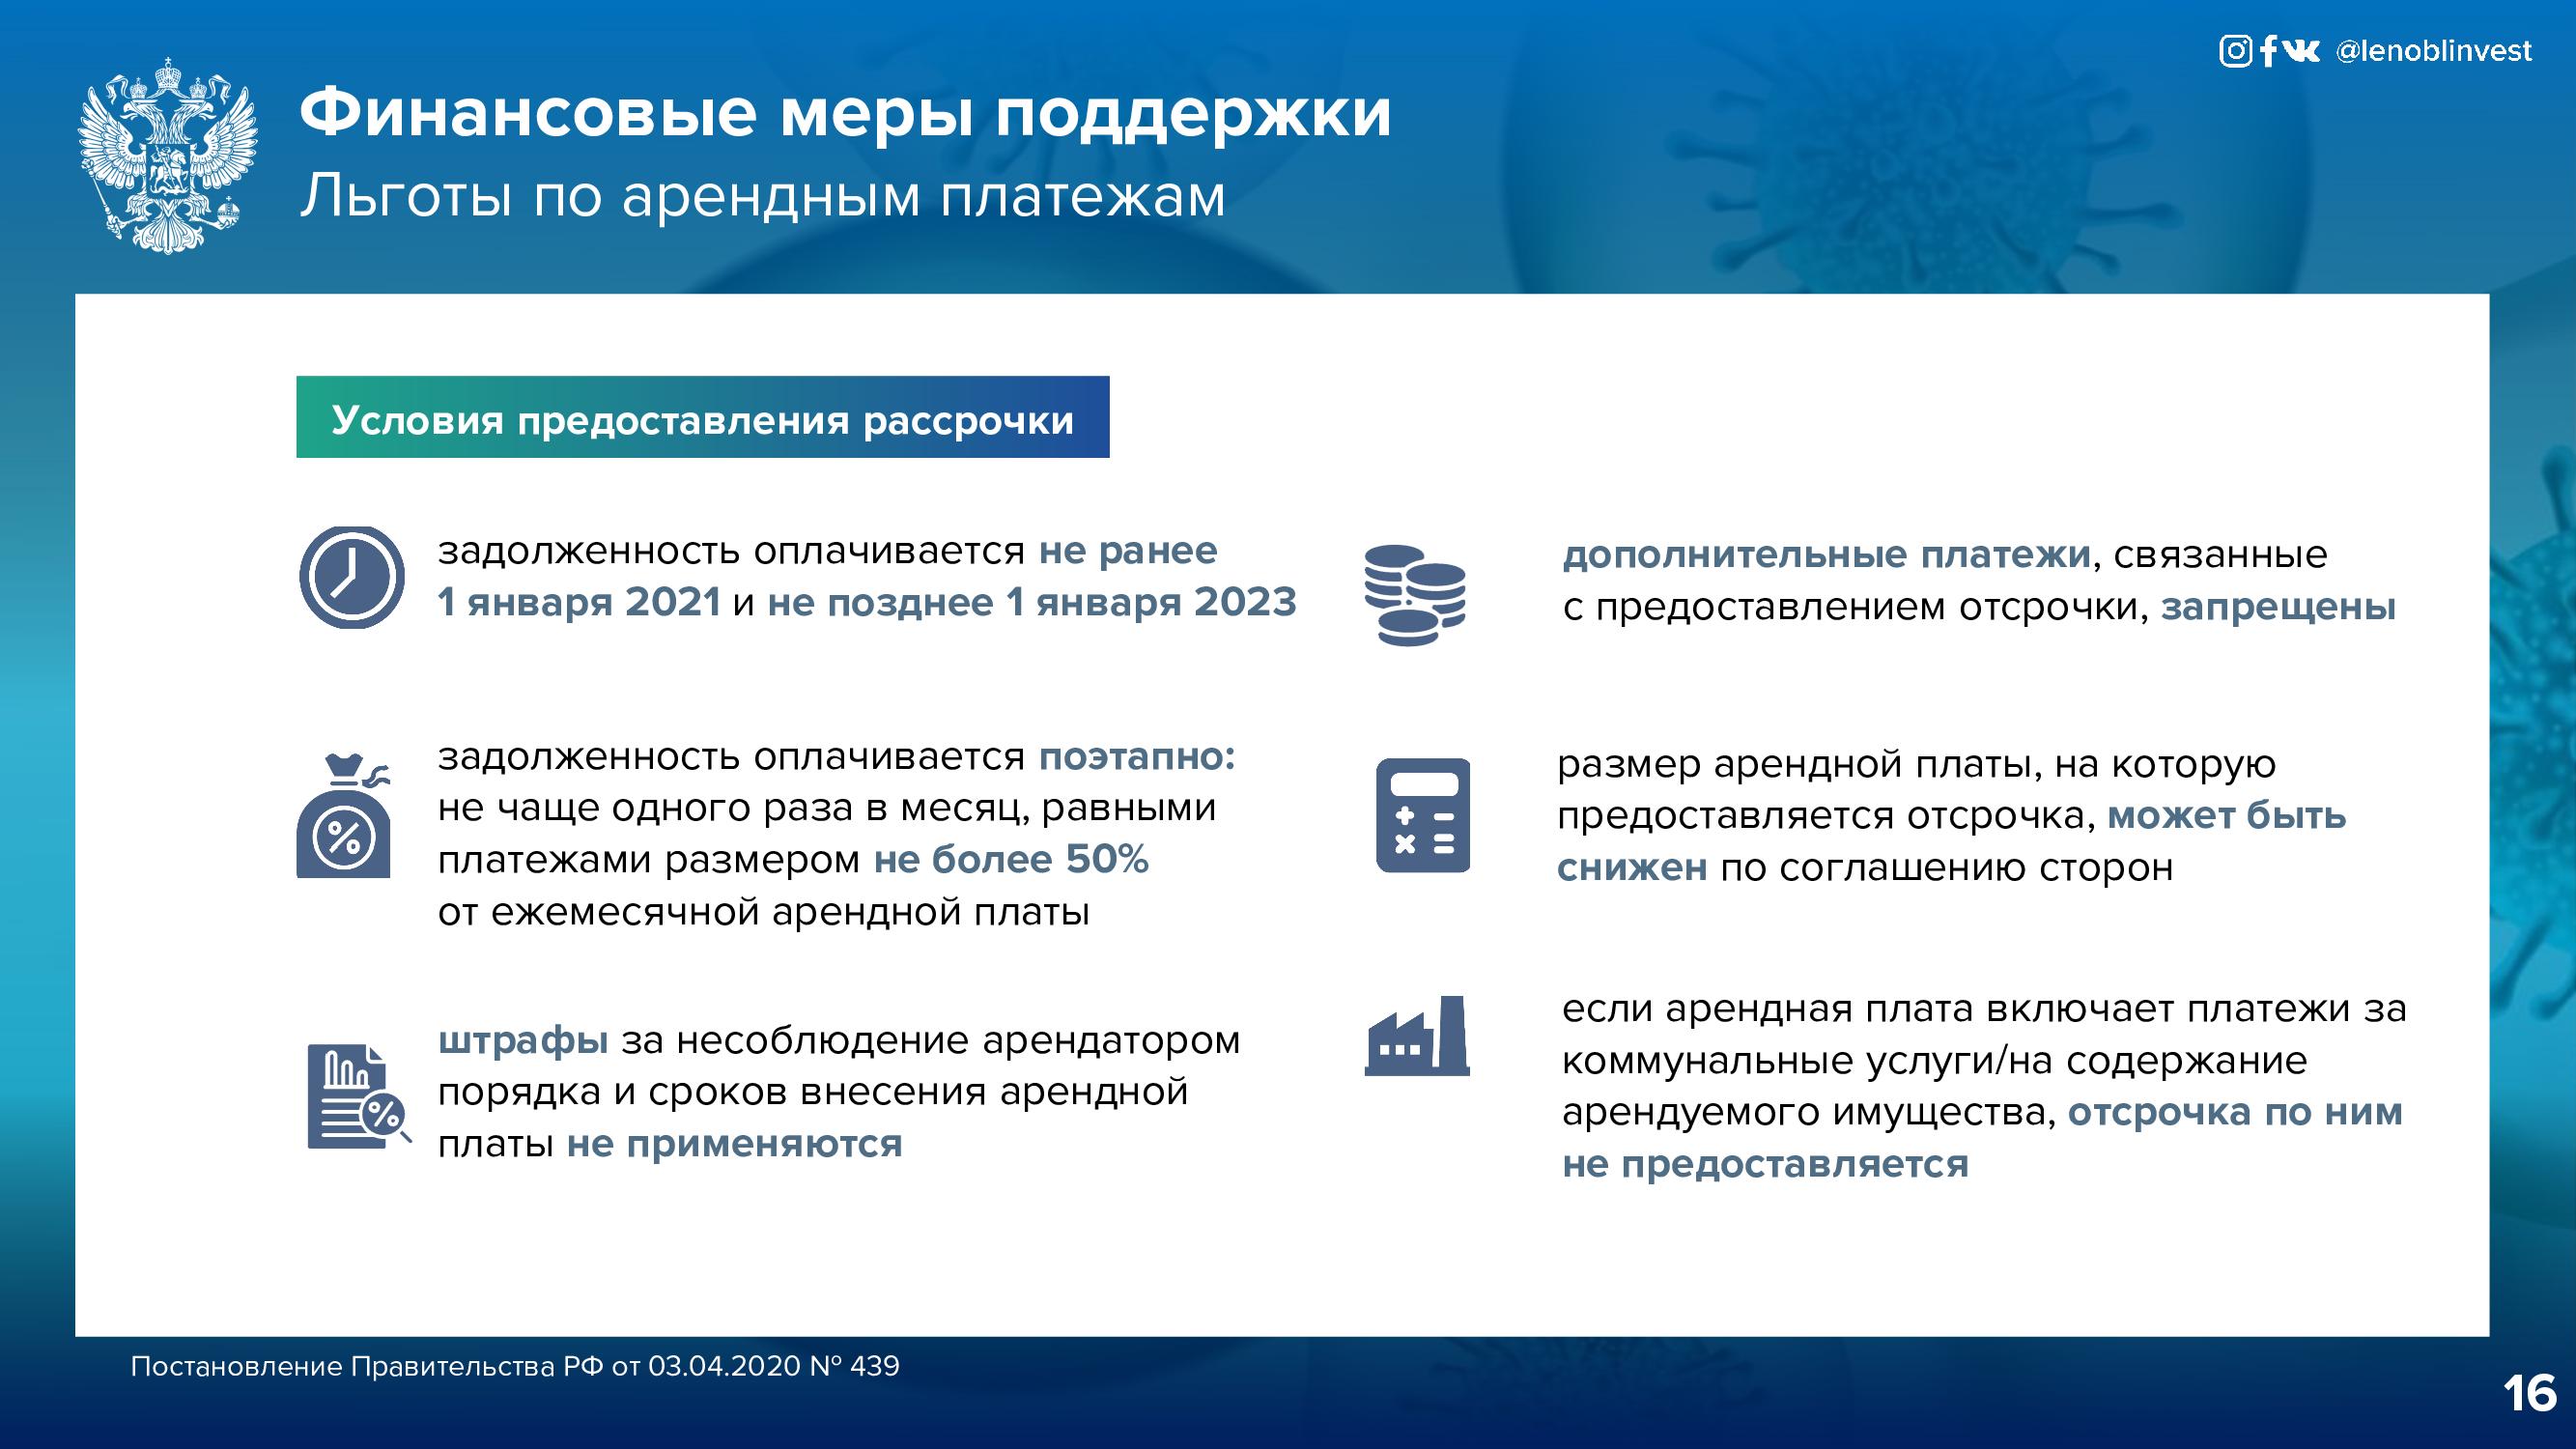 Региональные и федеральные меры поддержки_page-0016.jpg